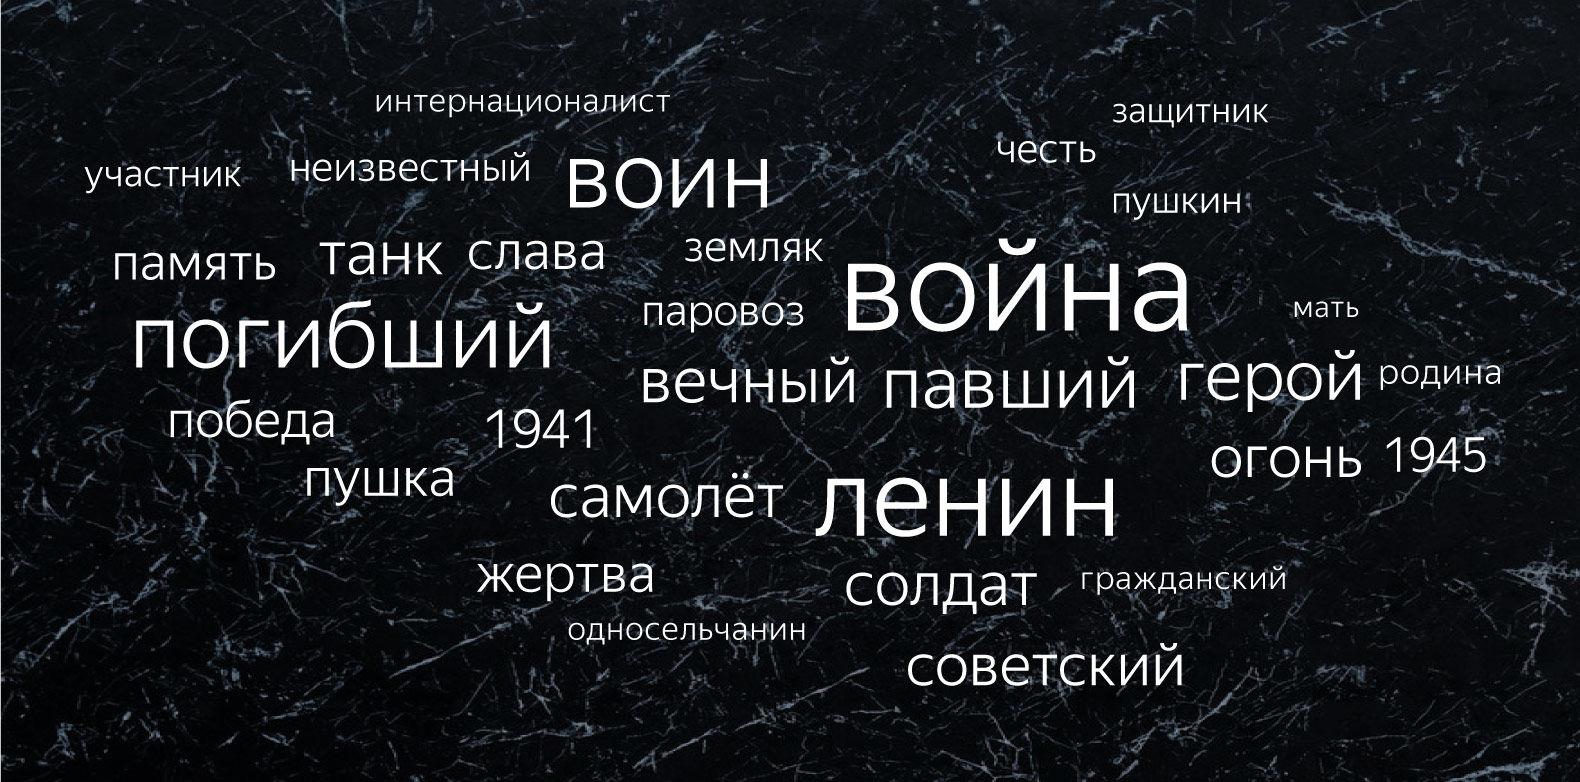 Самые частотные слова из названий российских памятников